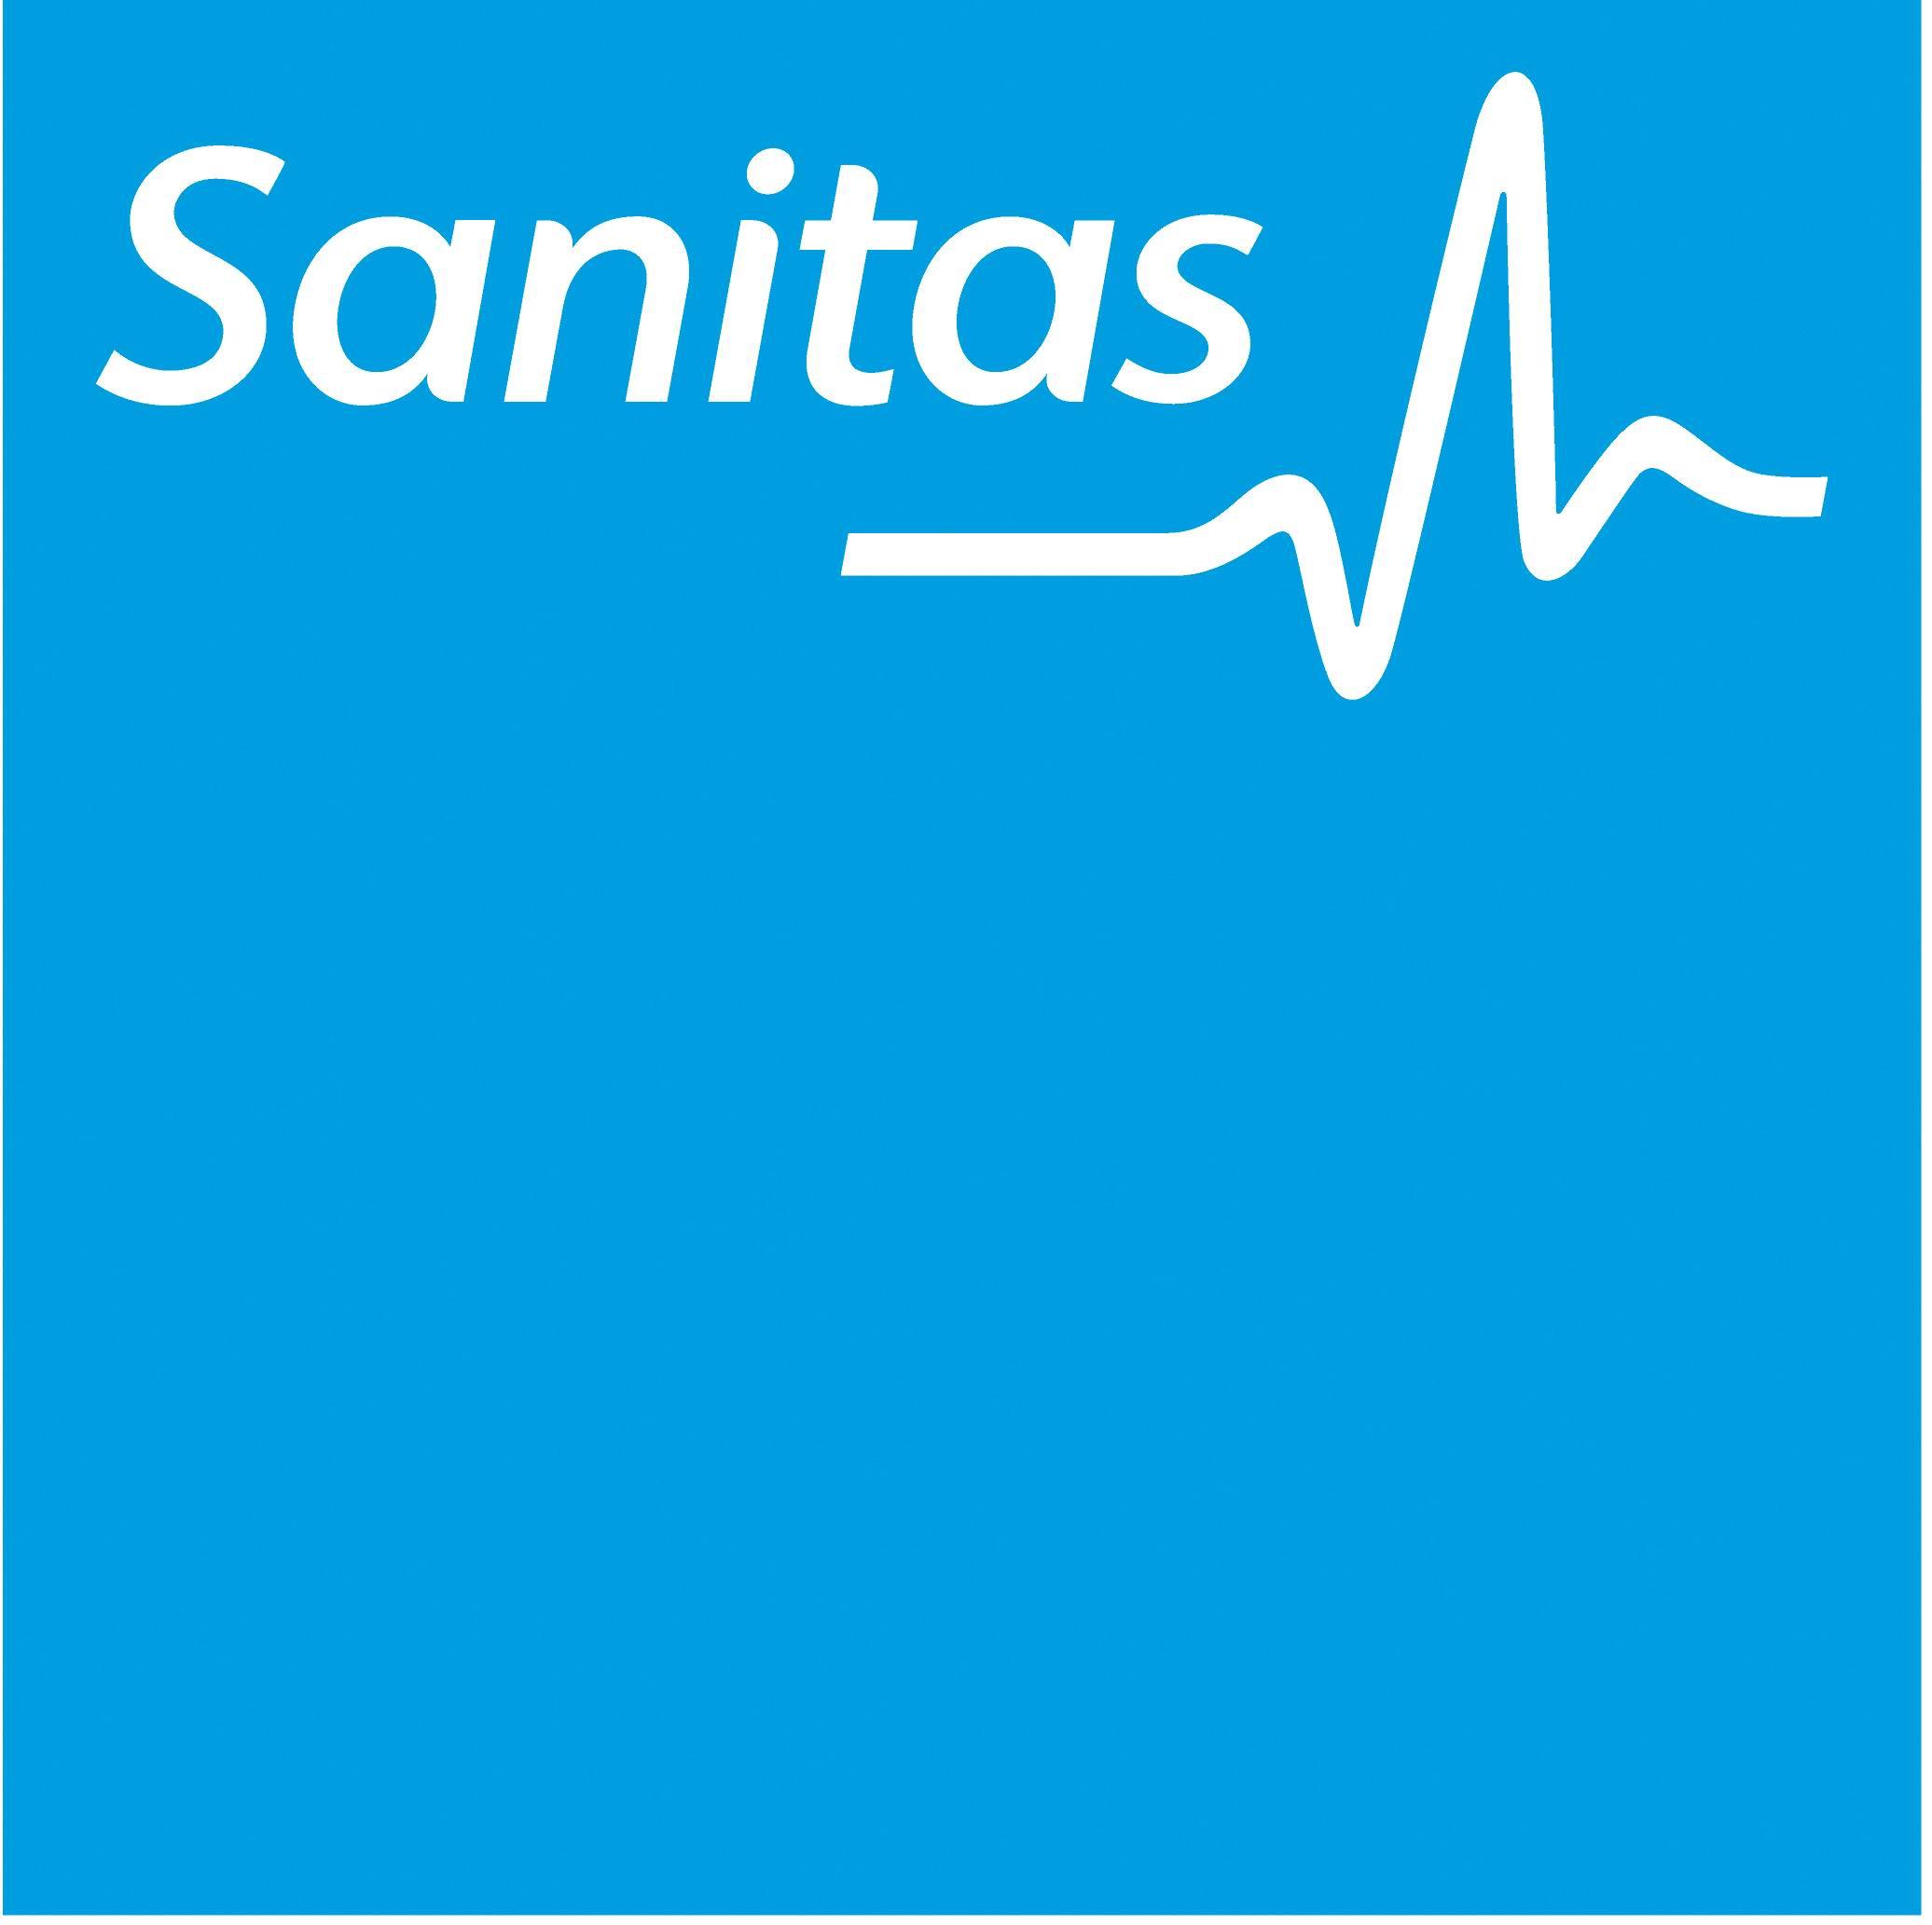 sanitas_petit